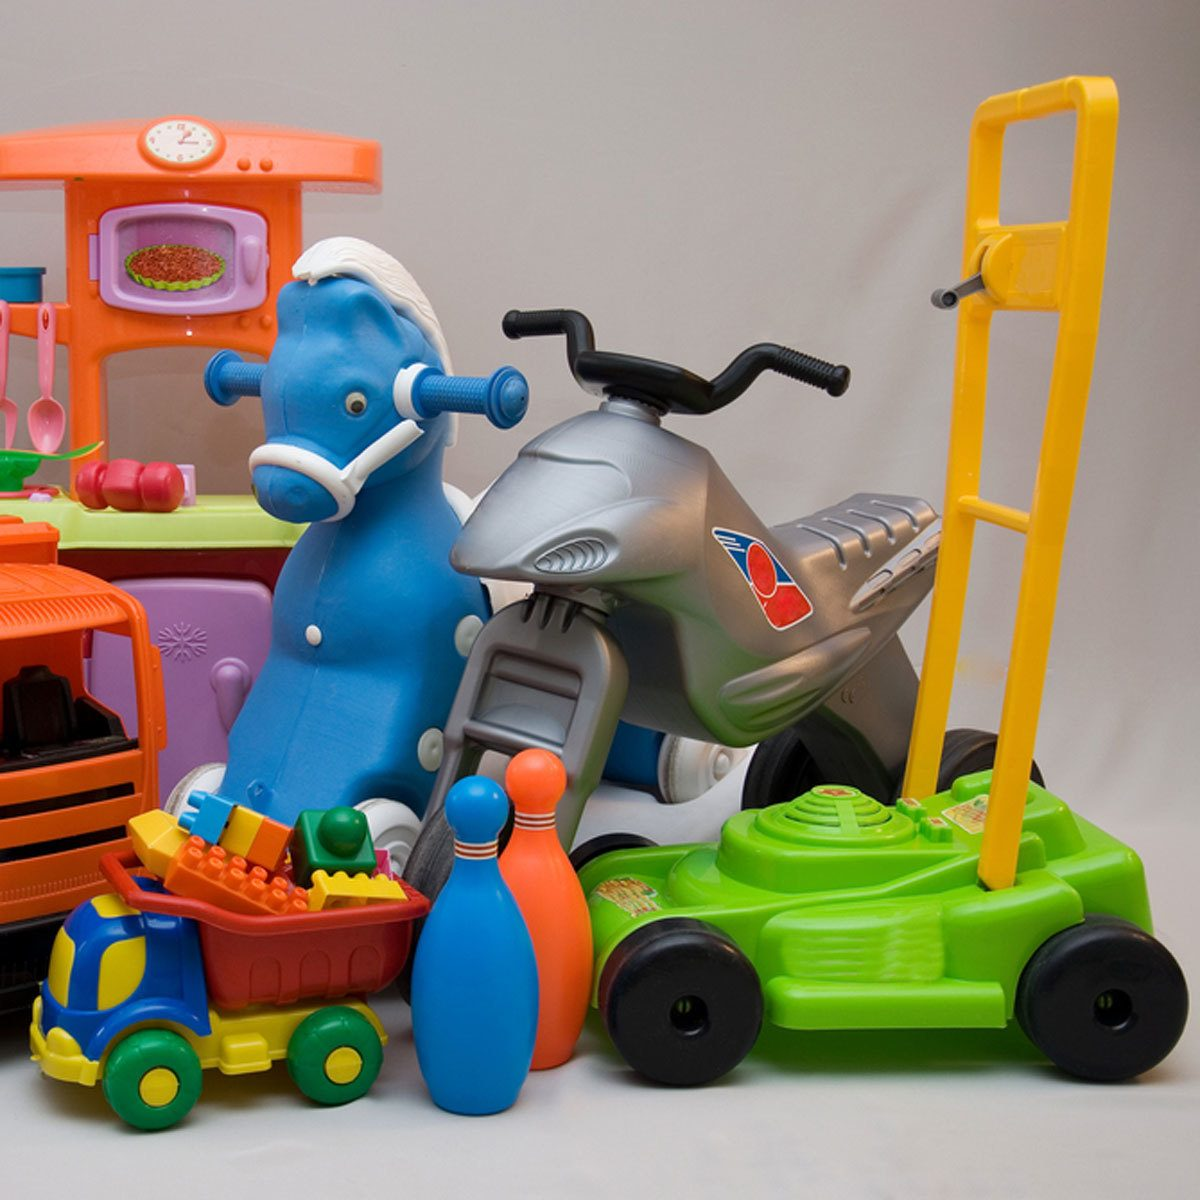 plastic toys